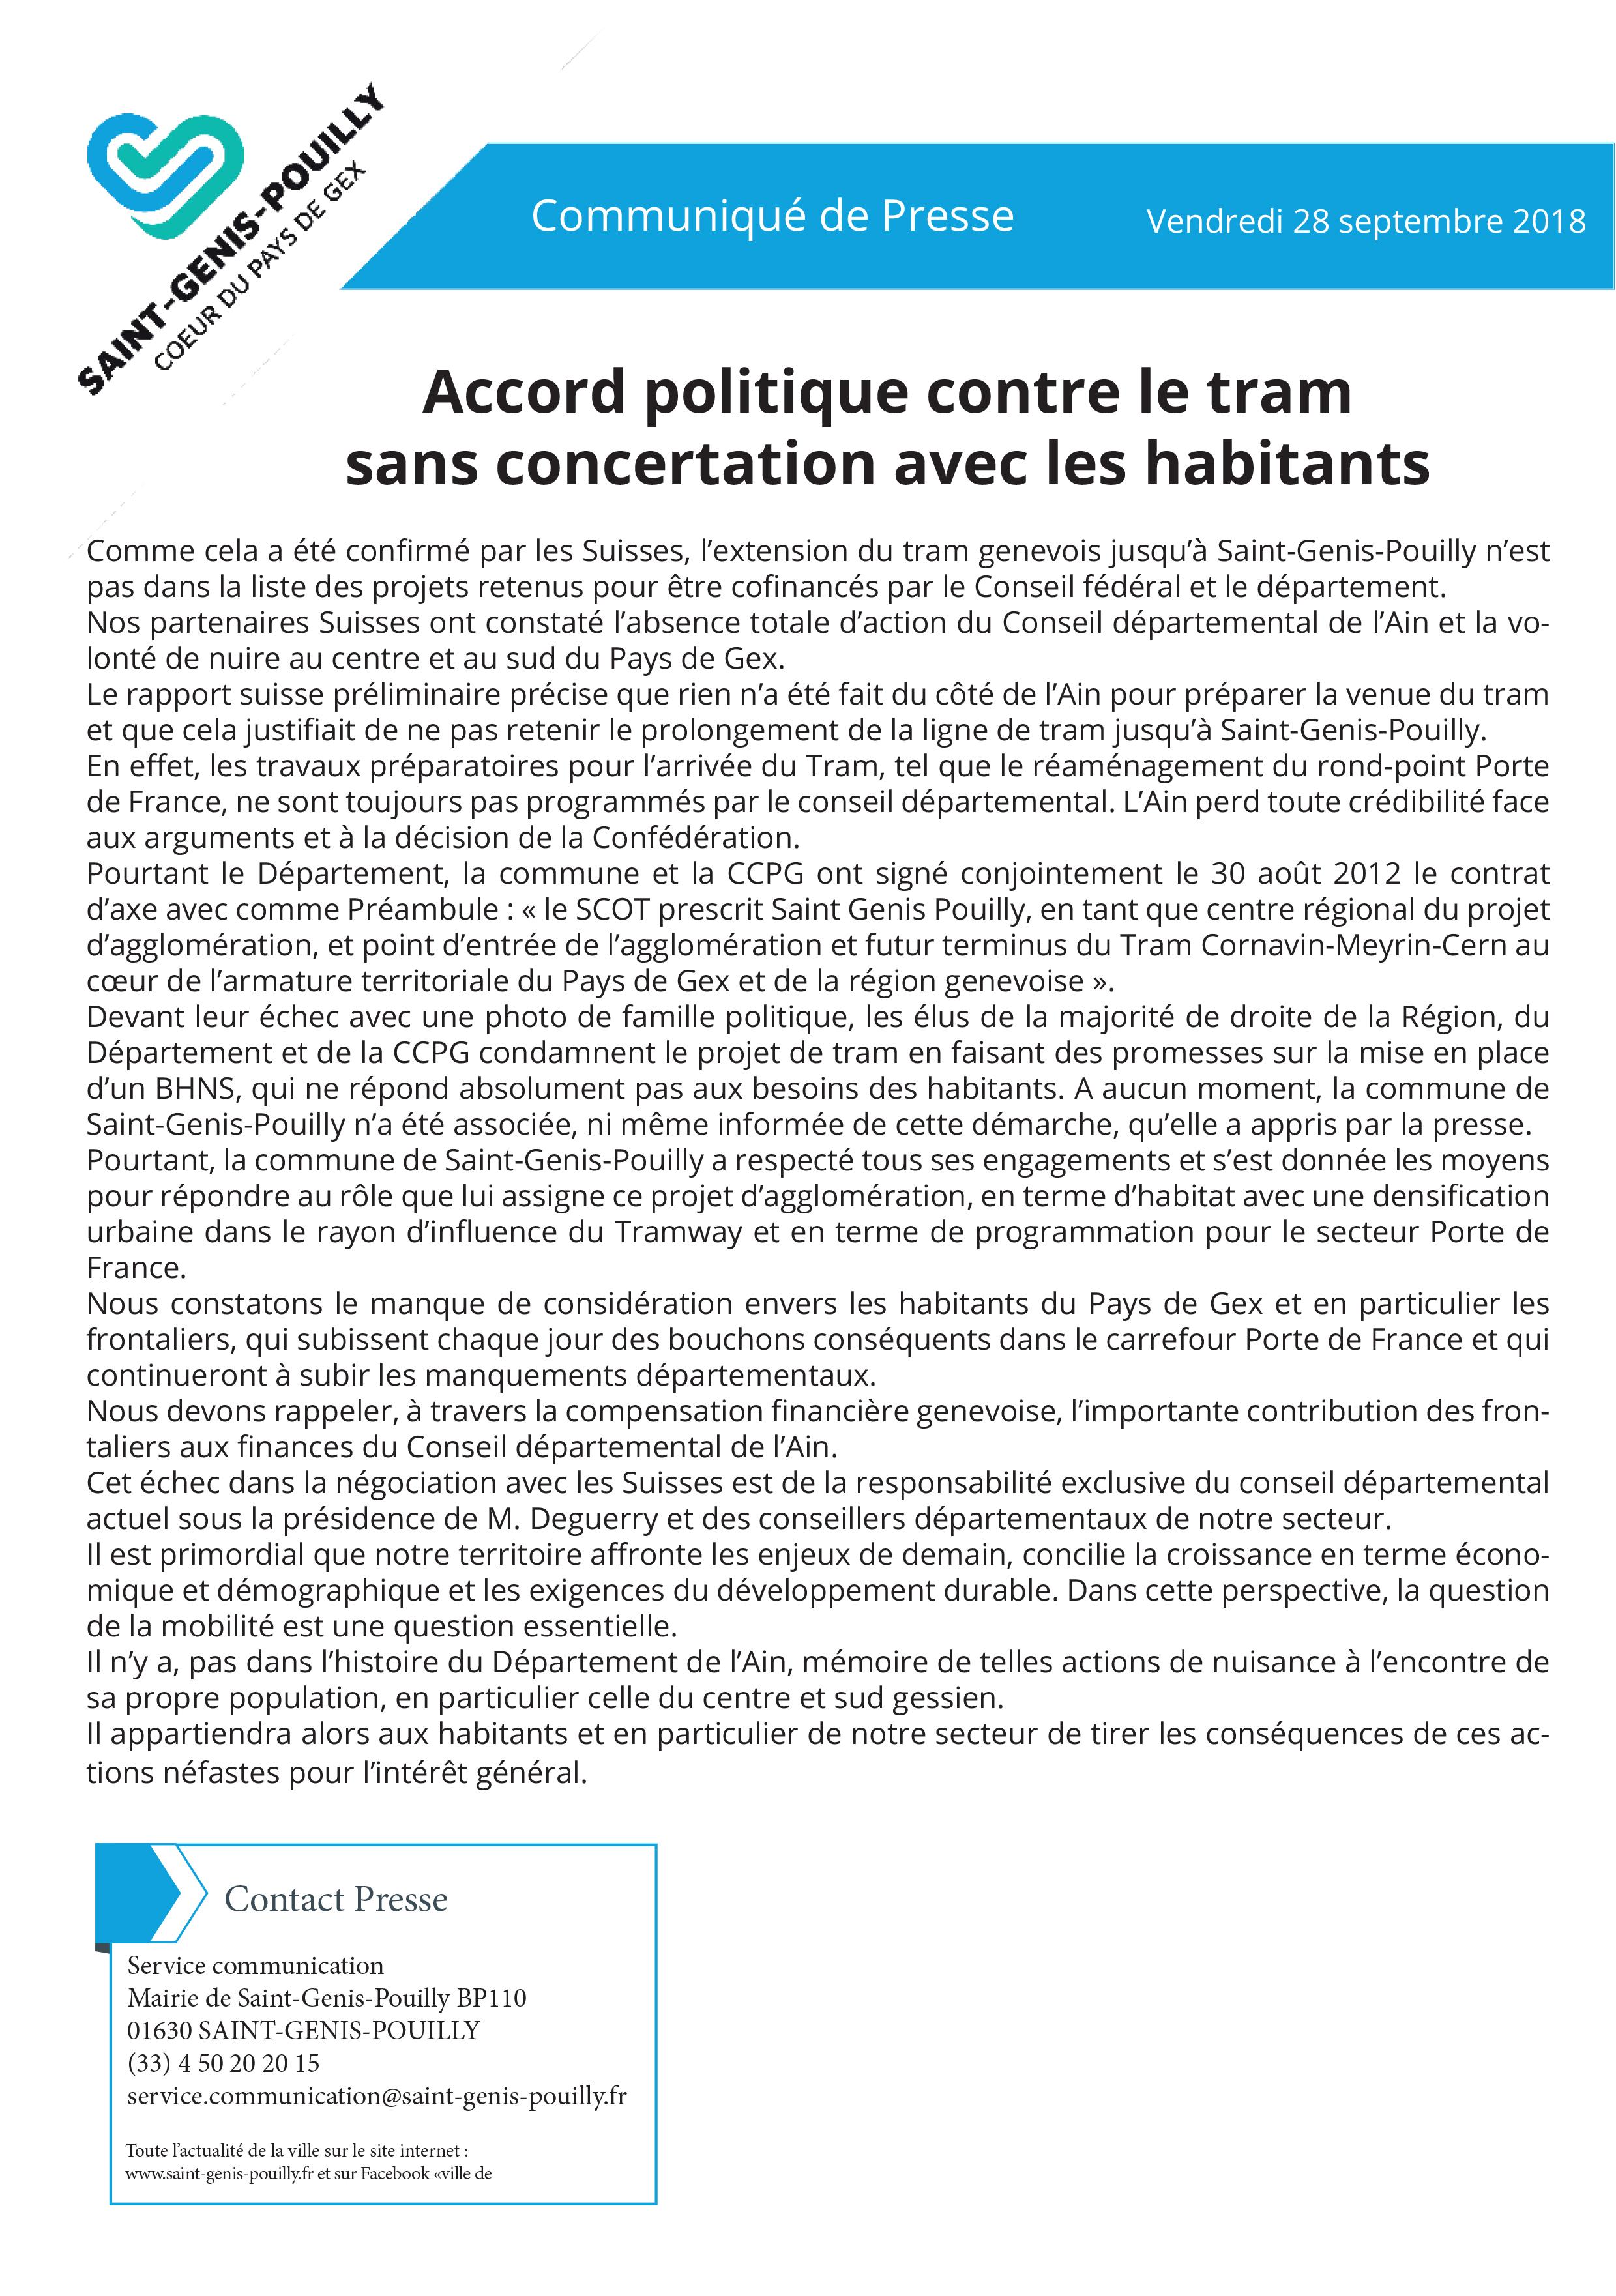 cp_accord_politique_contre_le_tram_sans_concertation_avec_les_habitants.jpg